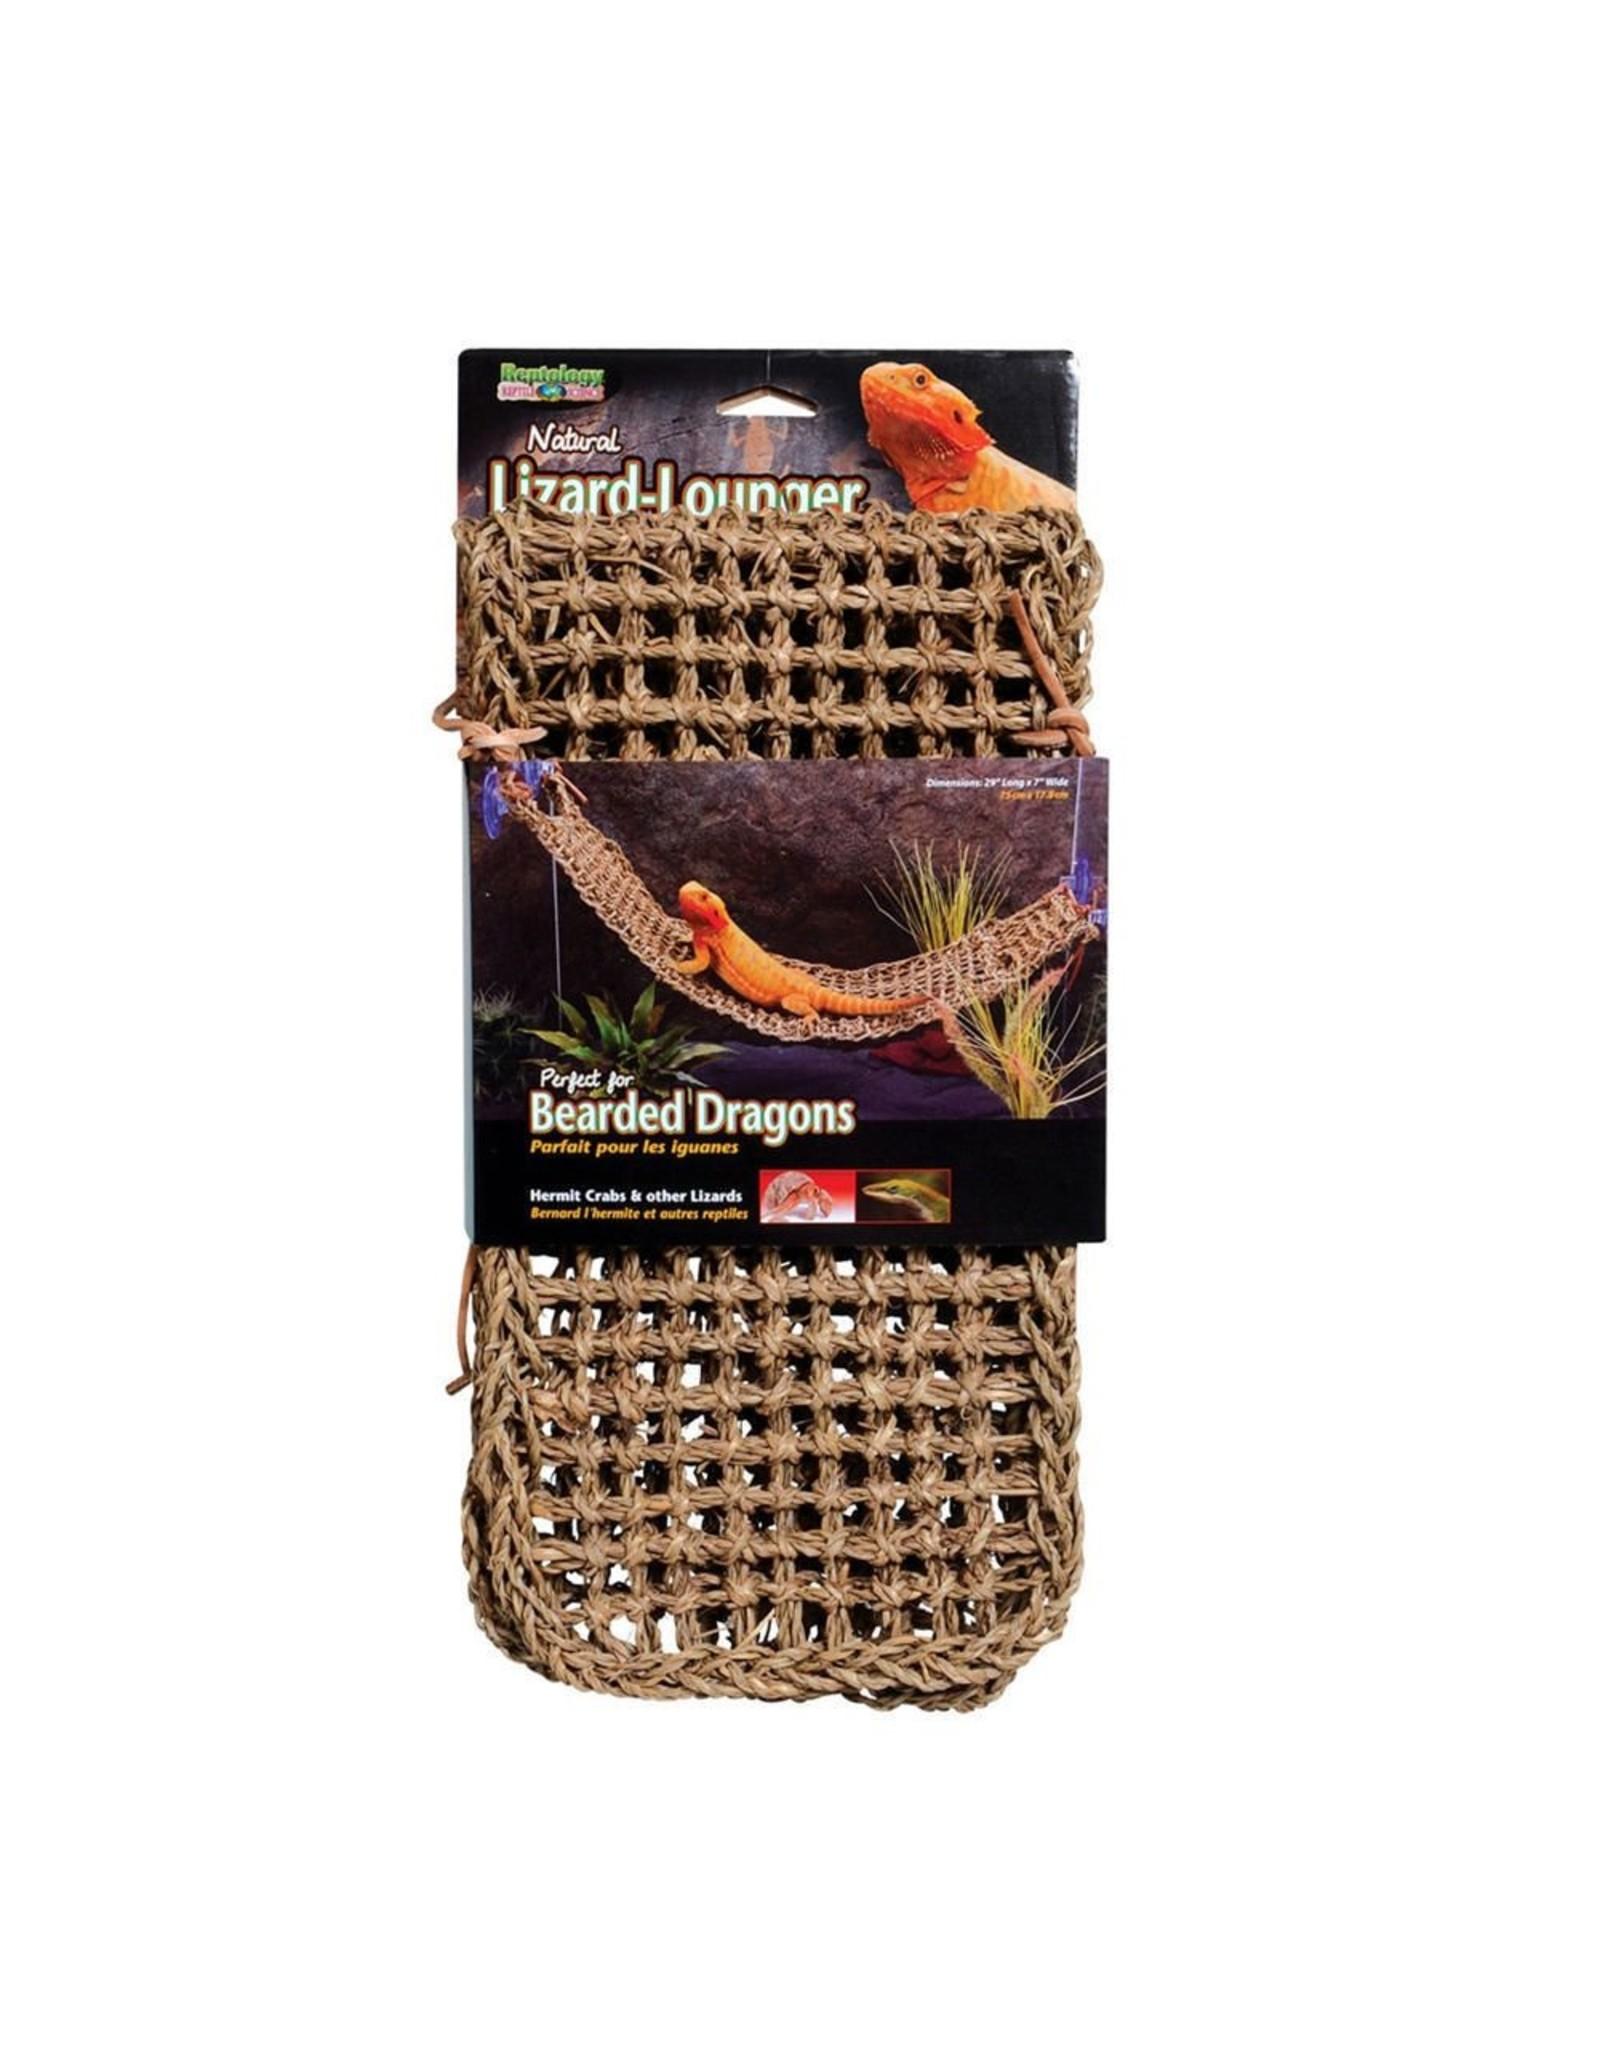 Penn Plax PENN PLAX Natural Lizard Lounger Hammock Xlarge